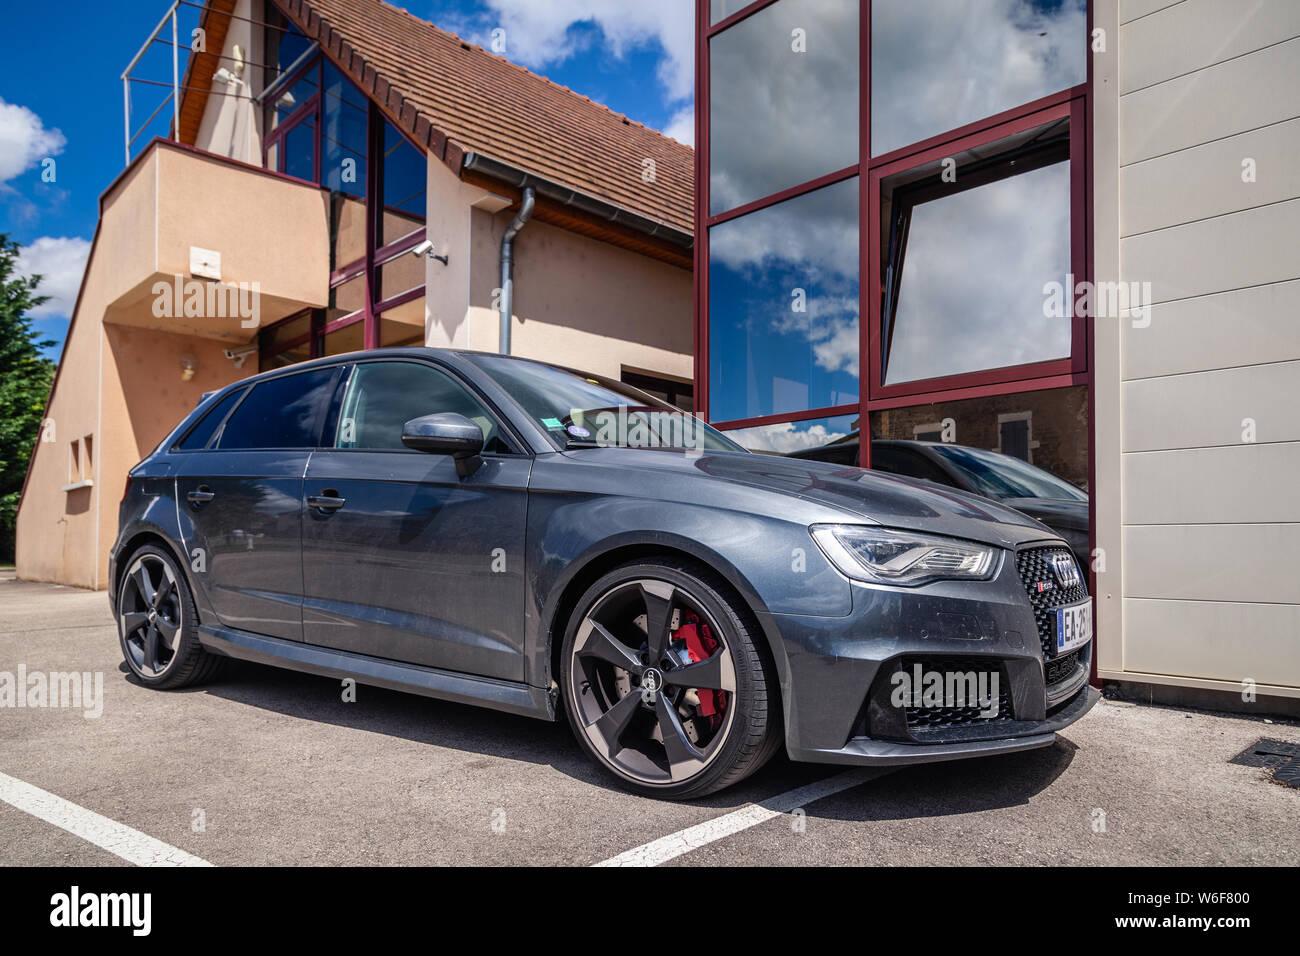 Hatchback Audi Stockfotos Und Bilder Kaufen Alamy